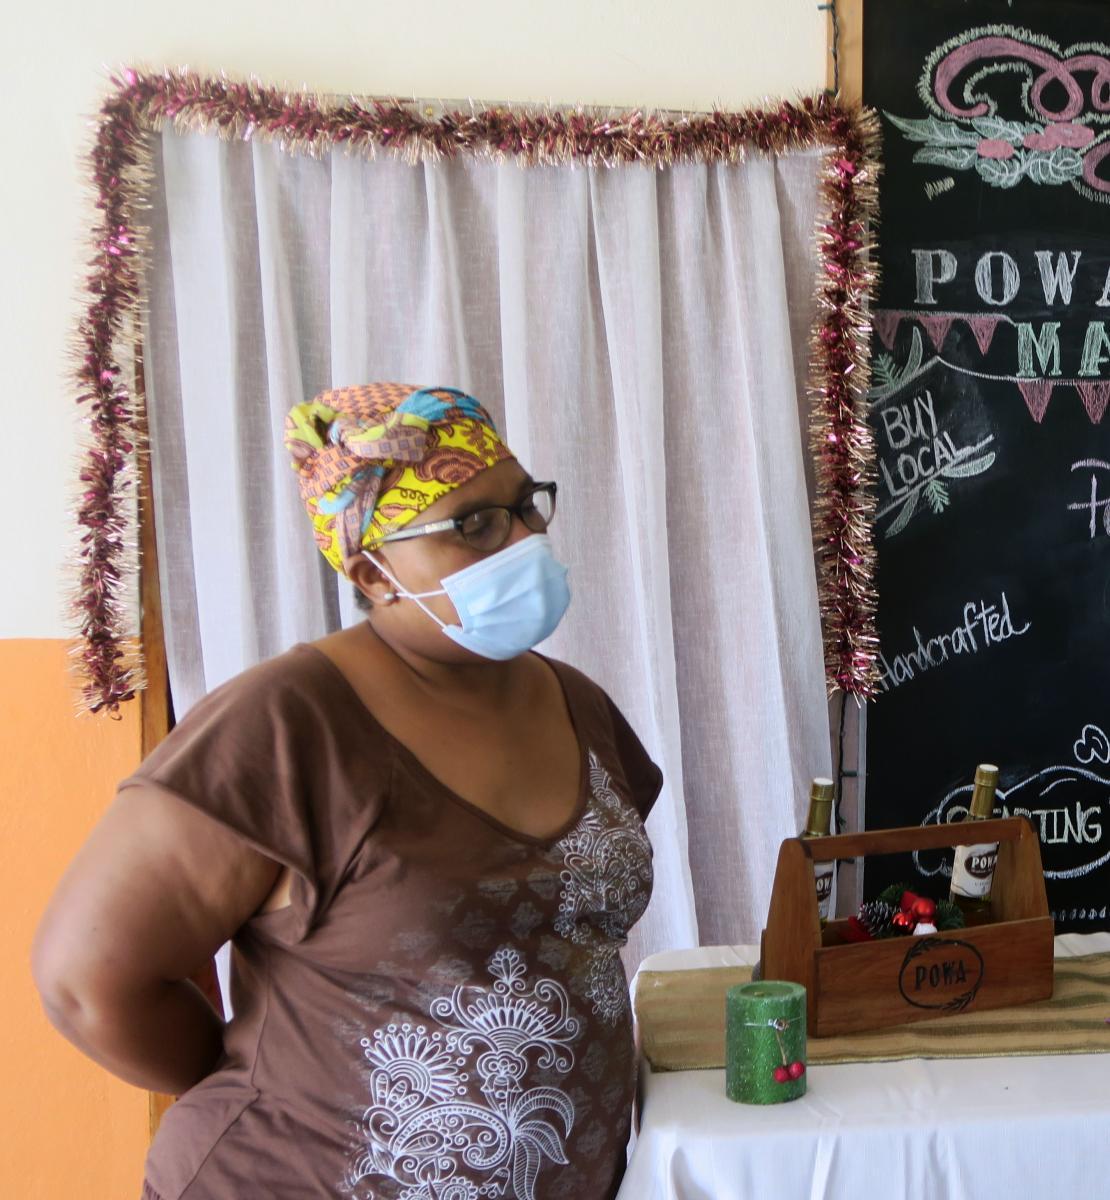 امرأة ترتدي كمامة تقف أمام زيوتها وصابونها محلي الصنع في سوق برعاية POWA.